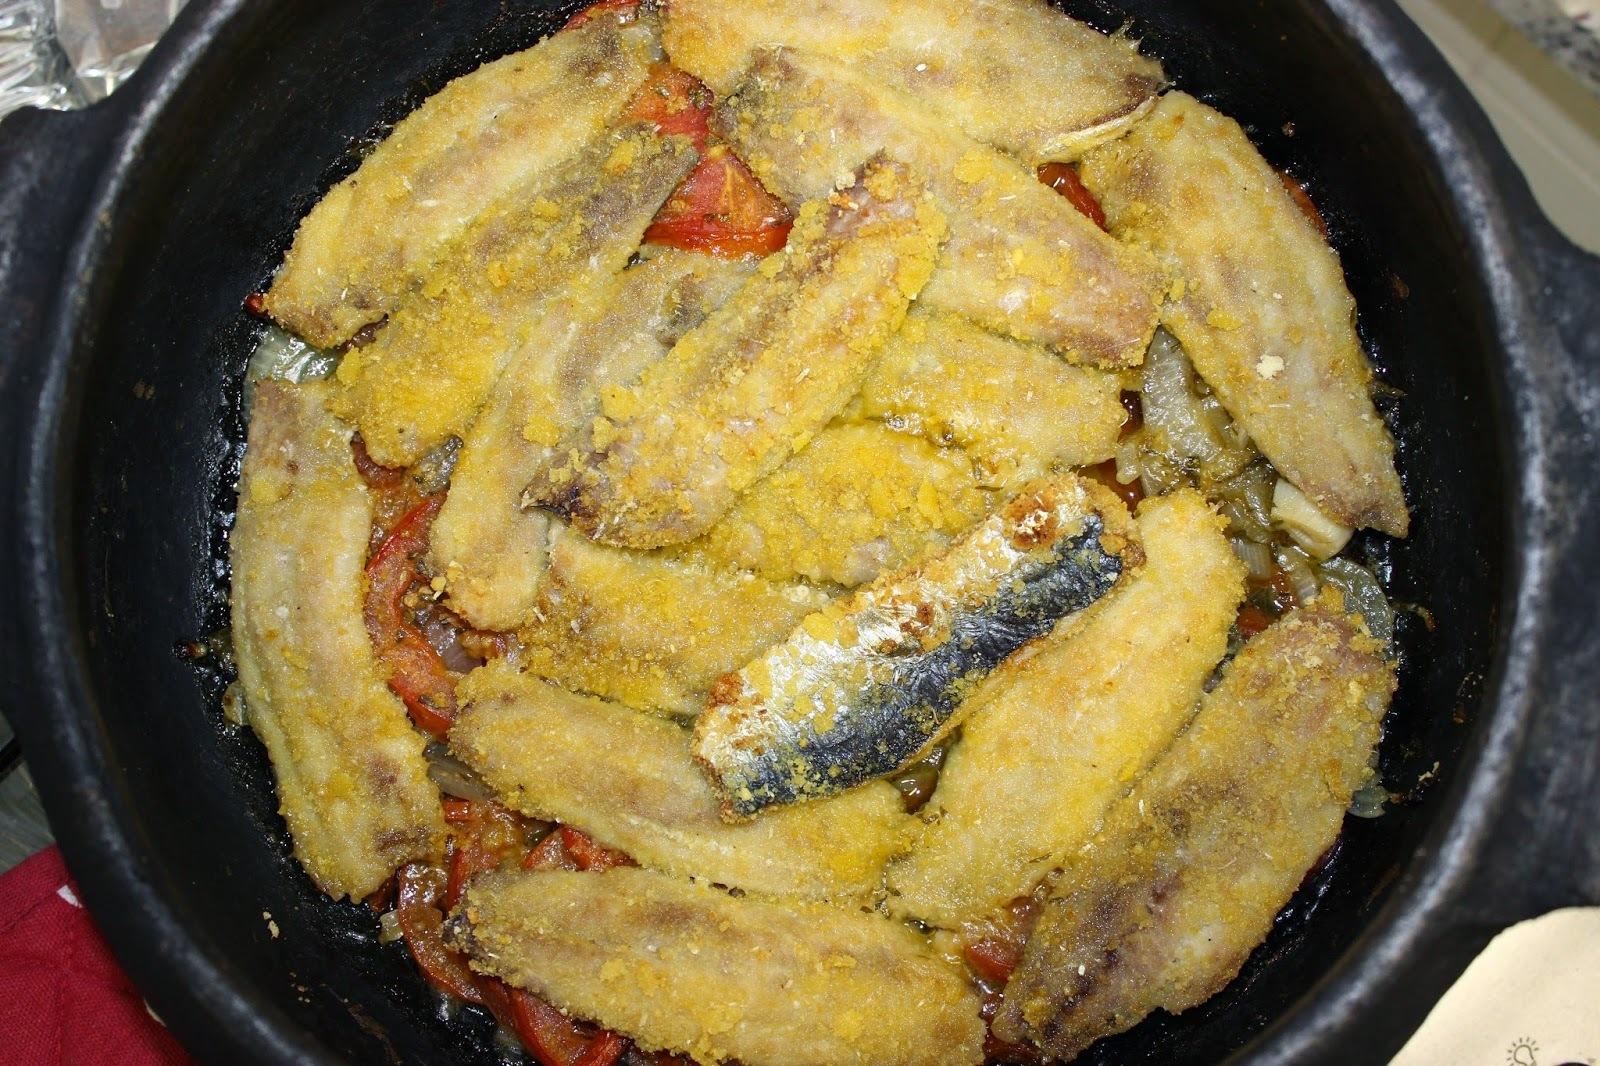 filé de sardinha assada no forno